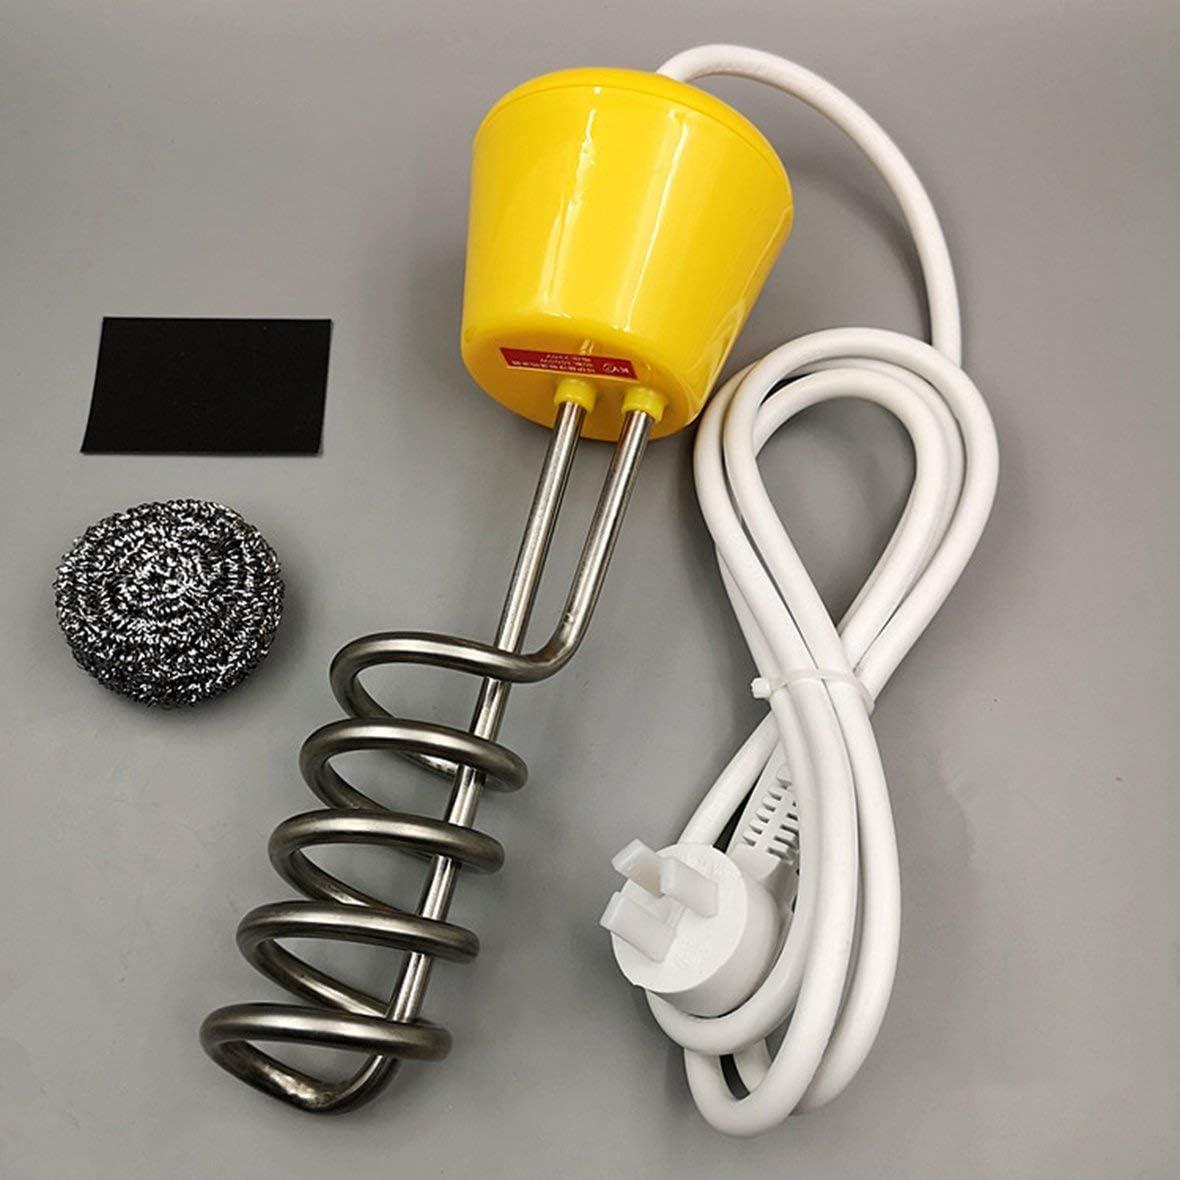 Heaviesk Calentador de suspensión Calentador rápido de Agua de Acero Inoxidable 3000 W Tina de baño Piscina Calentador de Agua de Alta Potencia